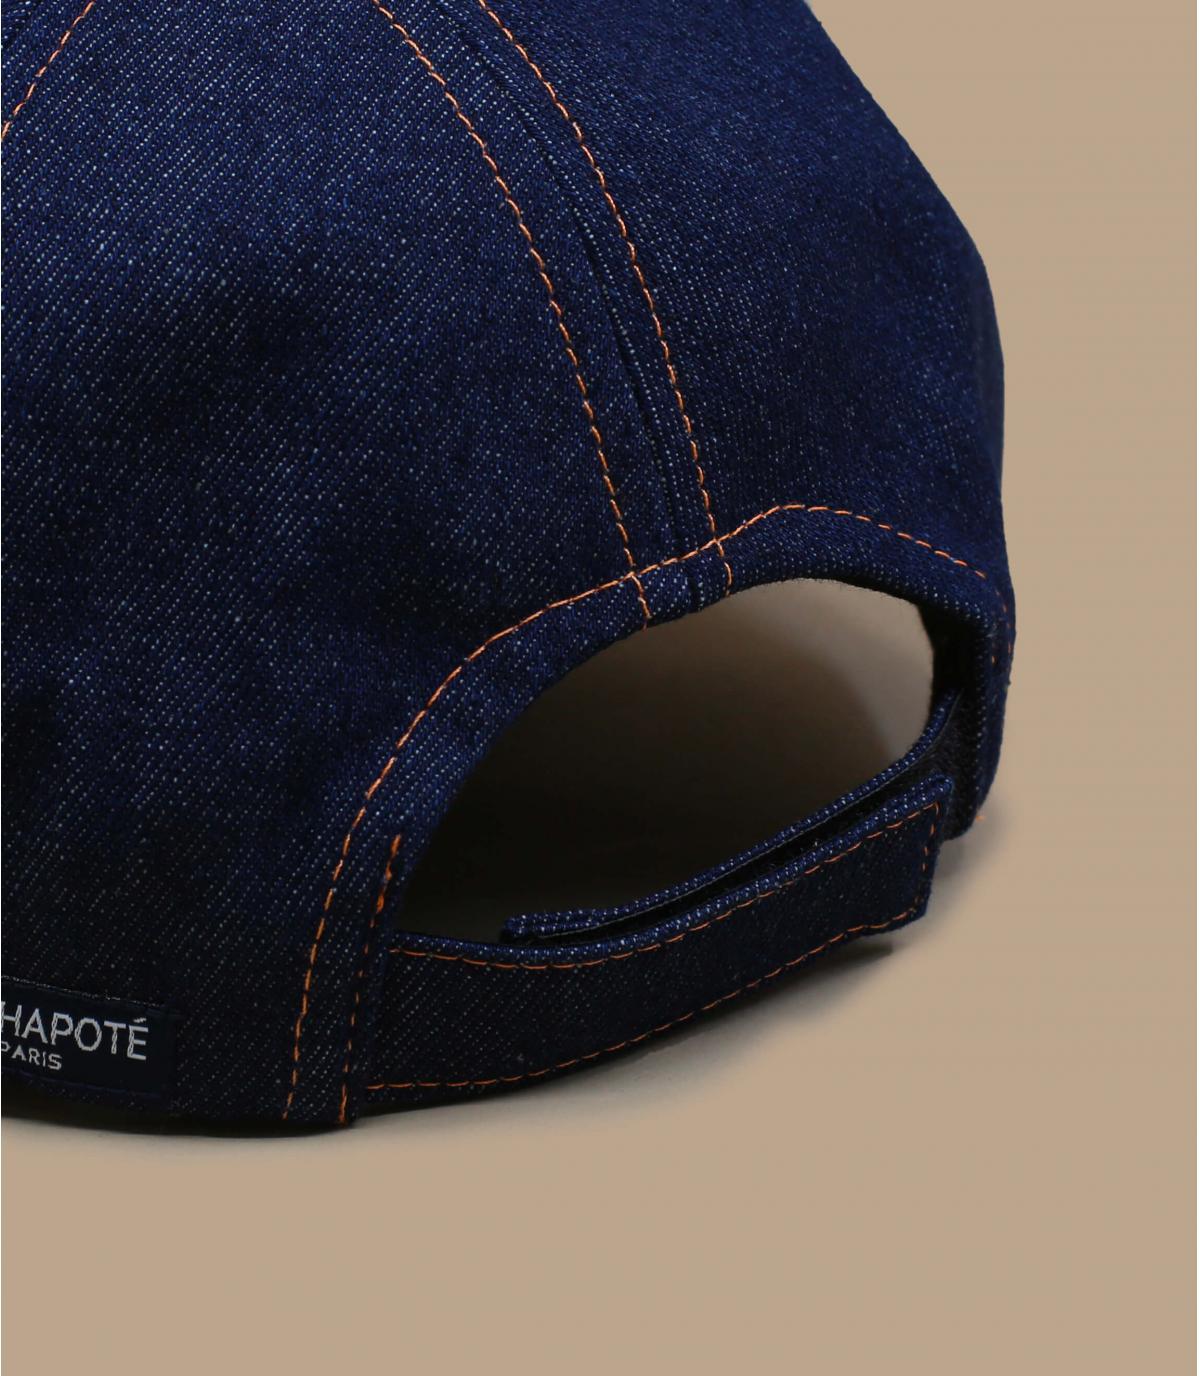 Détails Jeans - image 4